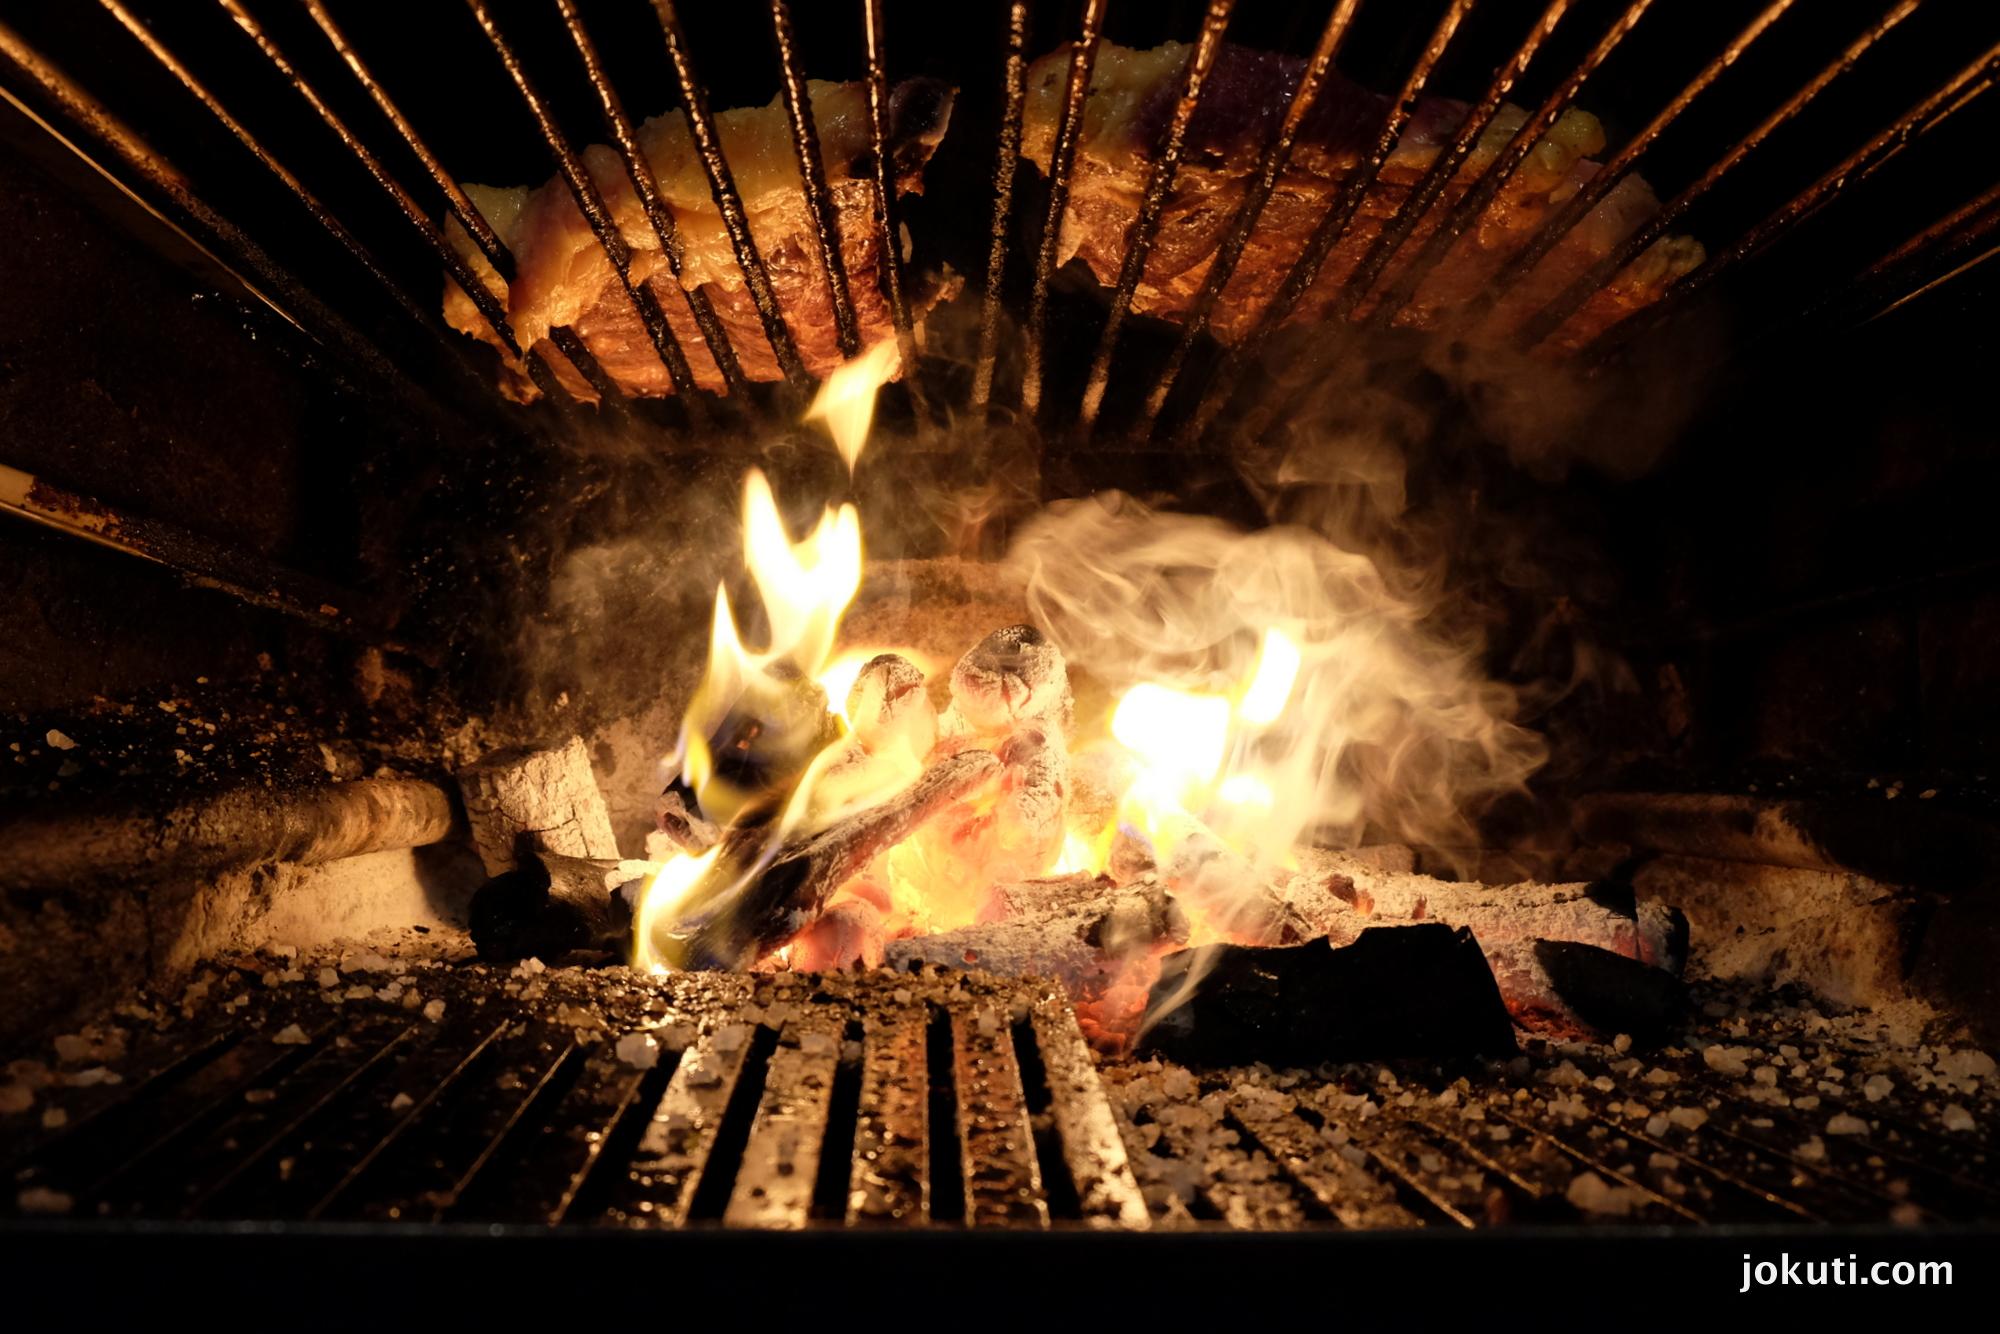 dscf0105_casa_julian_steak_txuleta_txuleton_chuleta_tolosa_basque_spain_vilagevo_jokuti.jpg